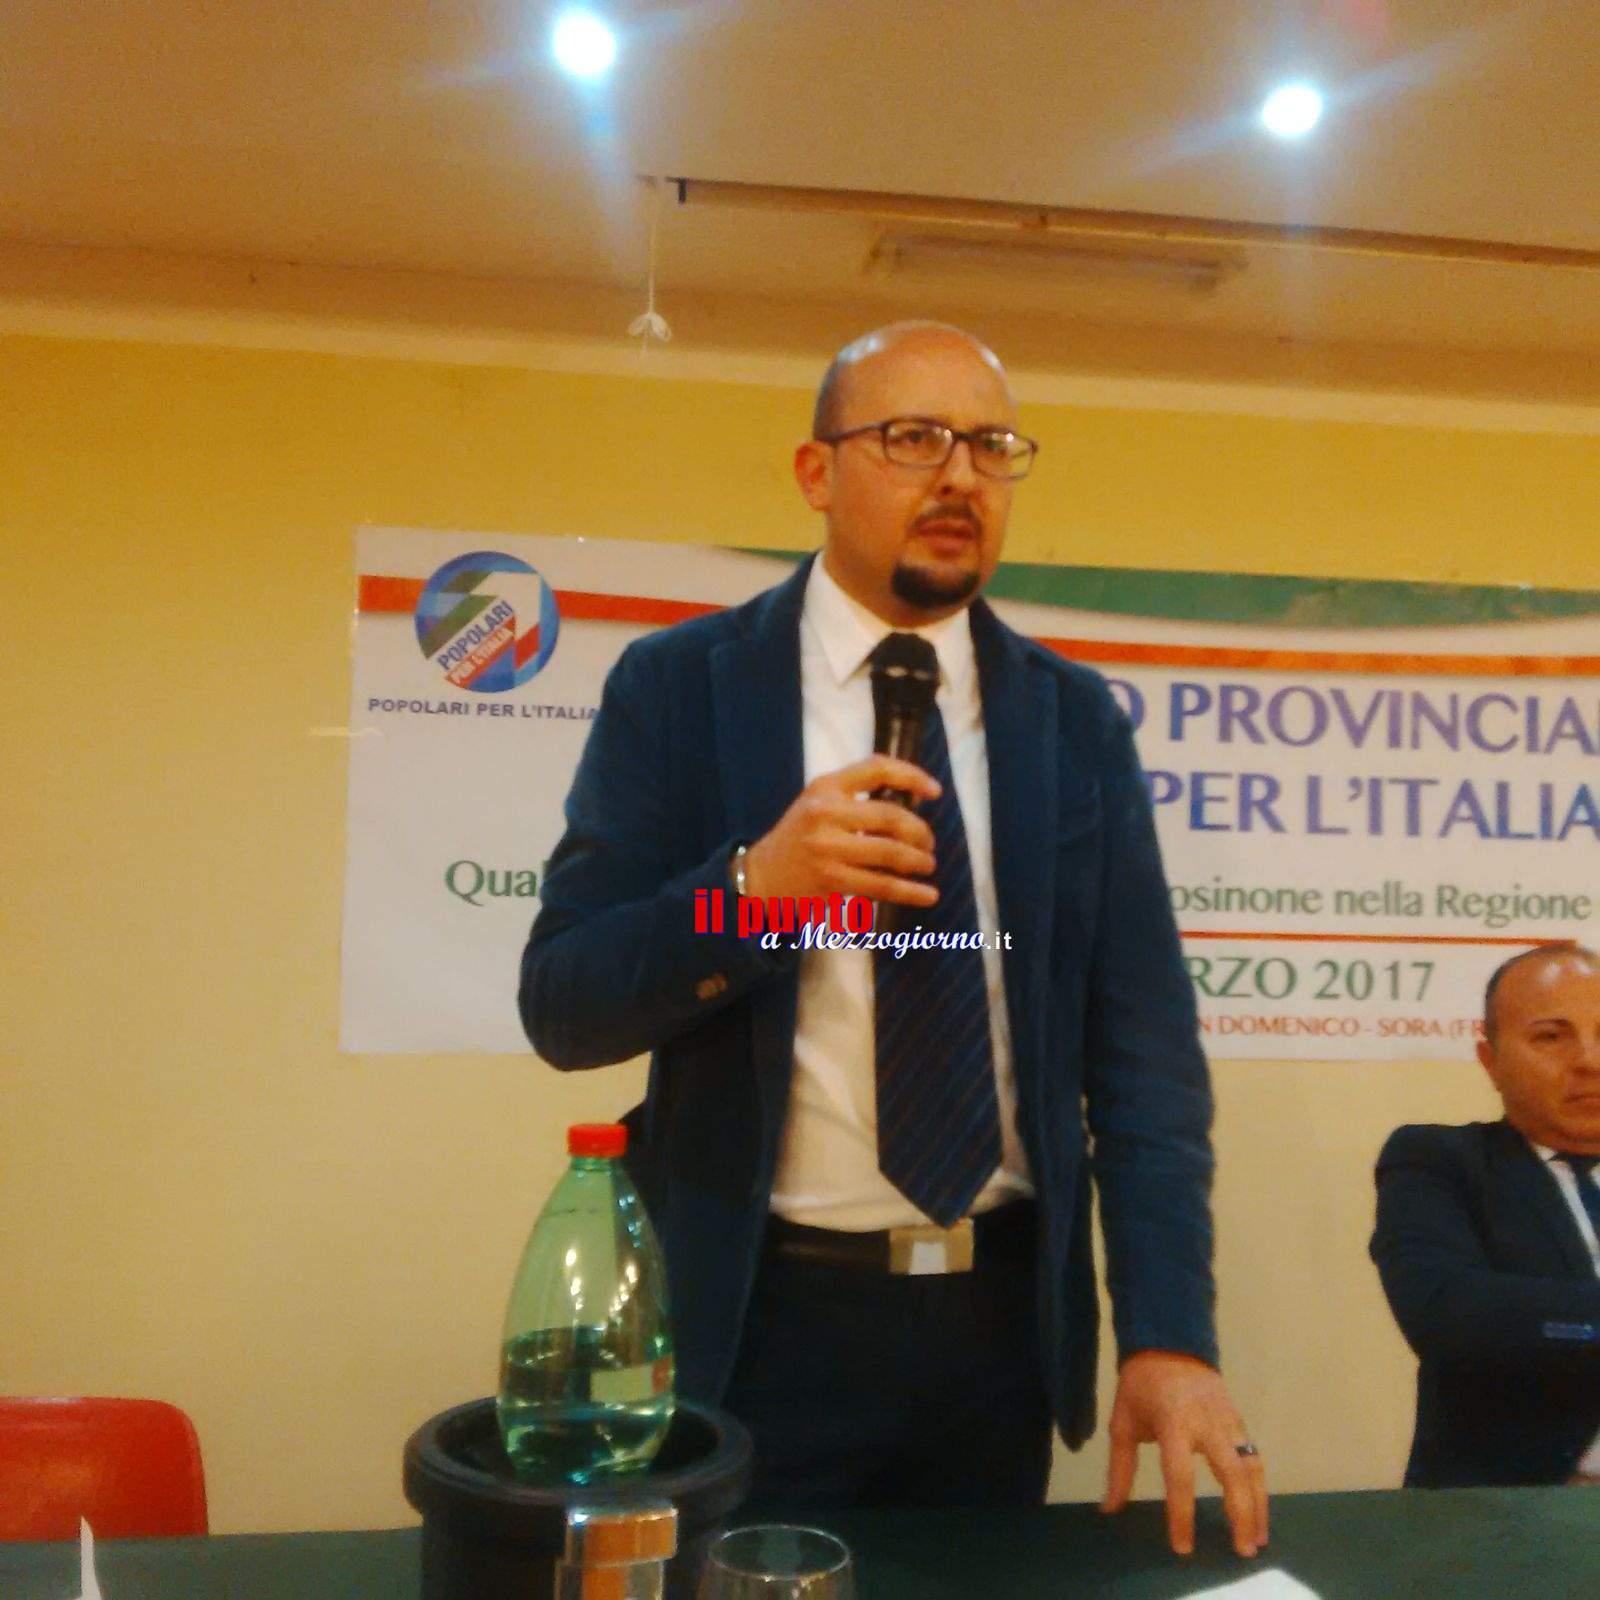 Niki Dragonetti eletto coordinatore provinciale del partito Popolari per l'Italia